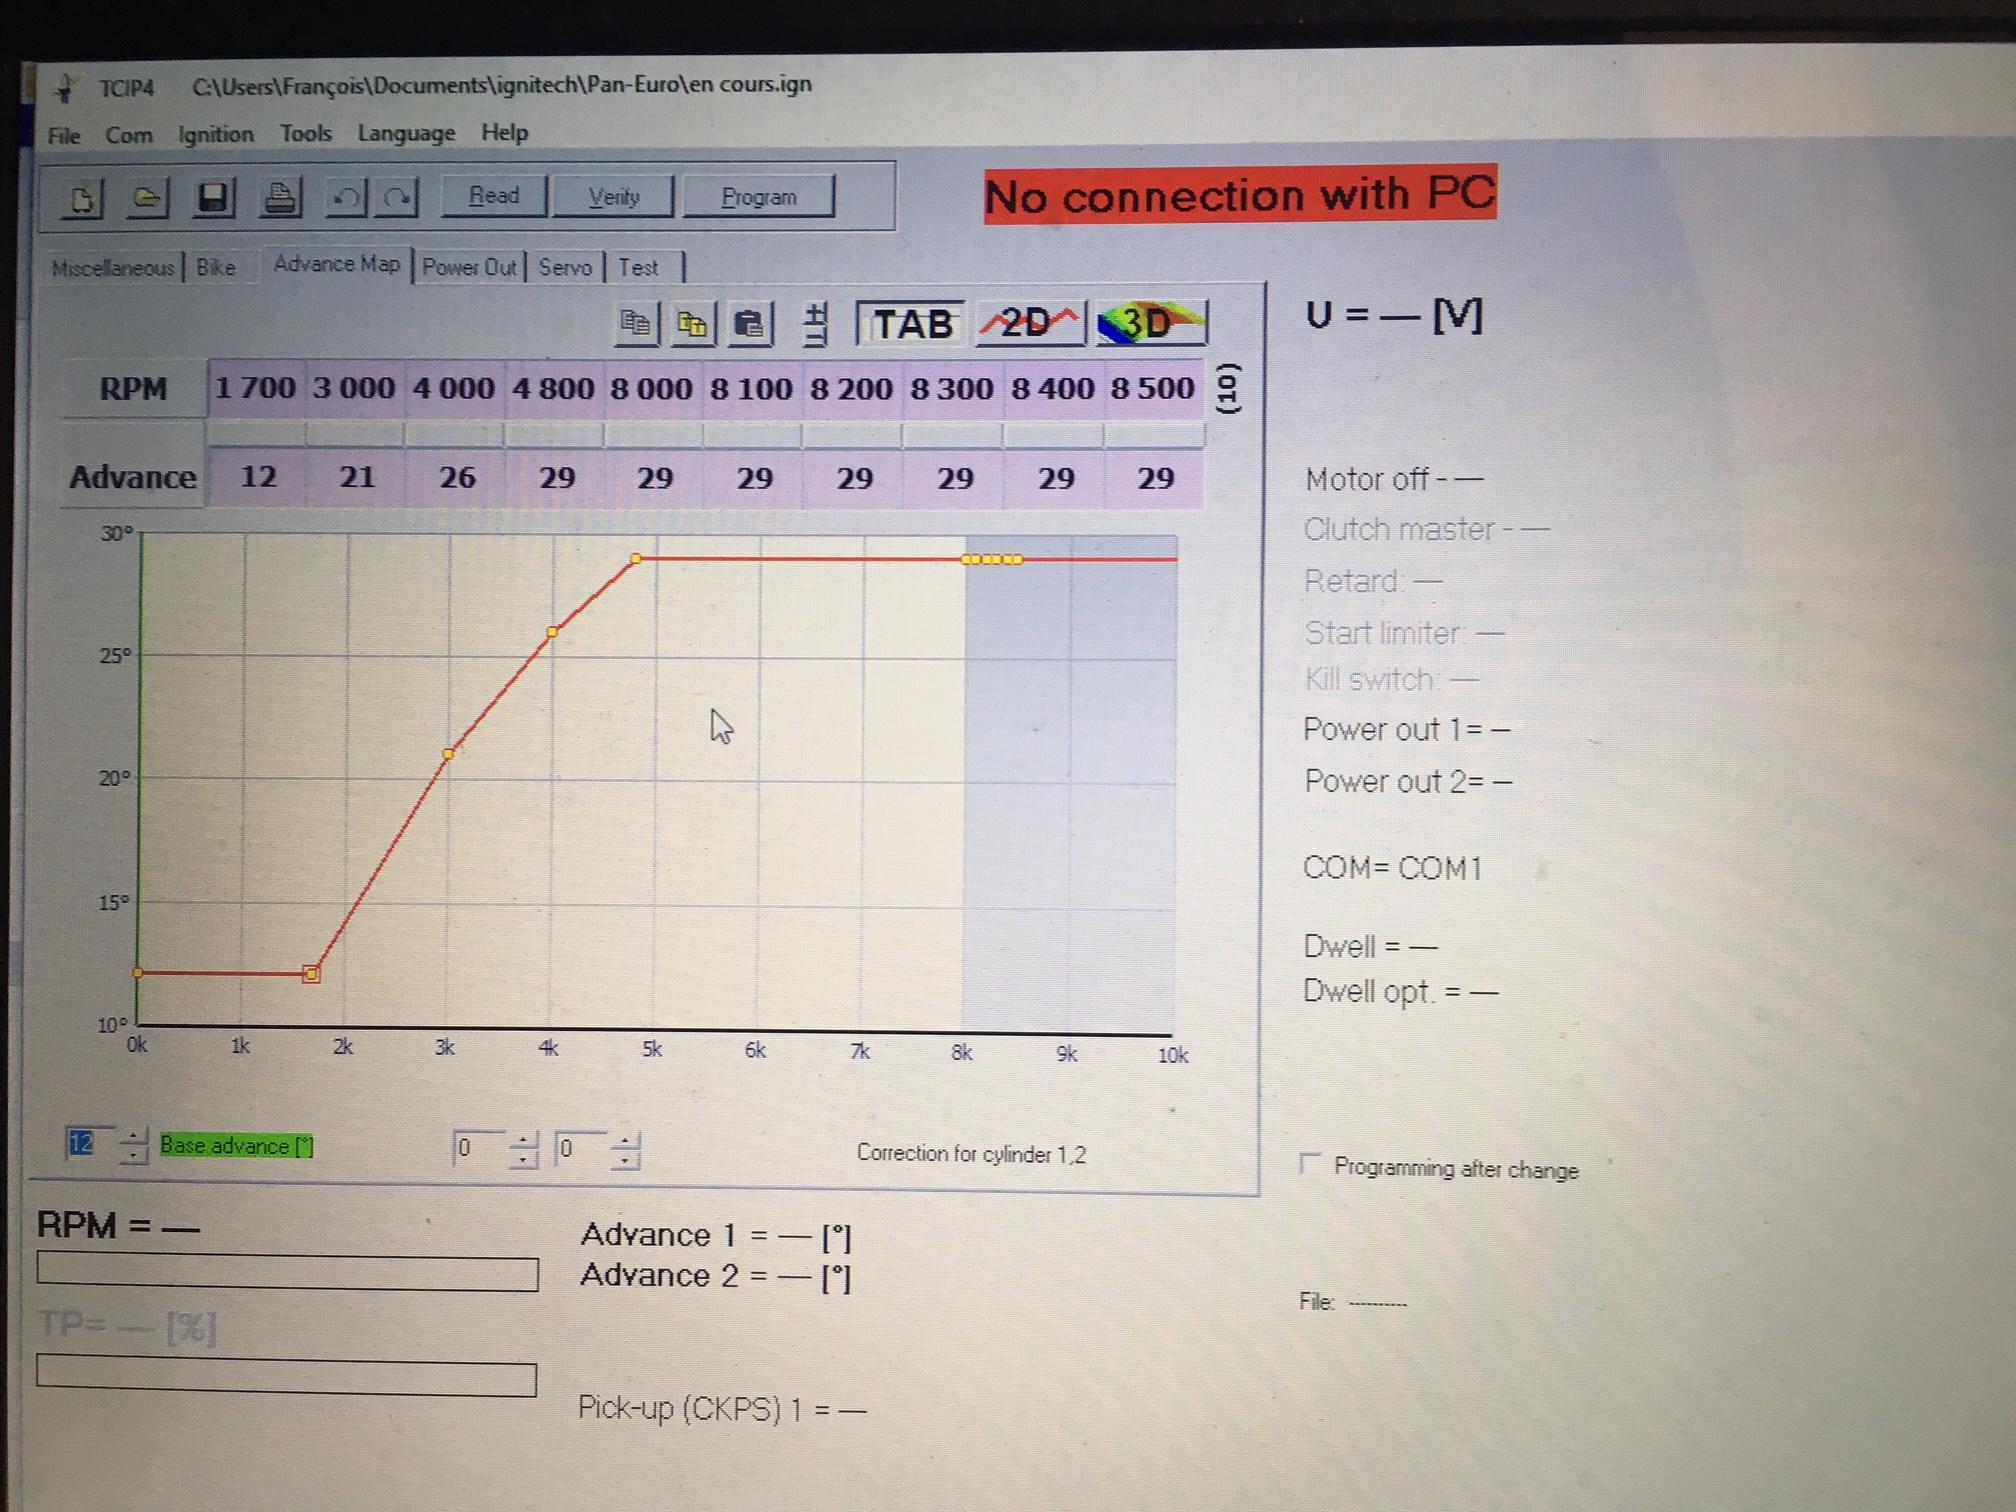 exemple de courbe d'avance à l'allumage